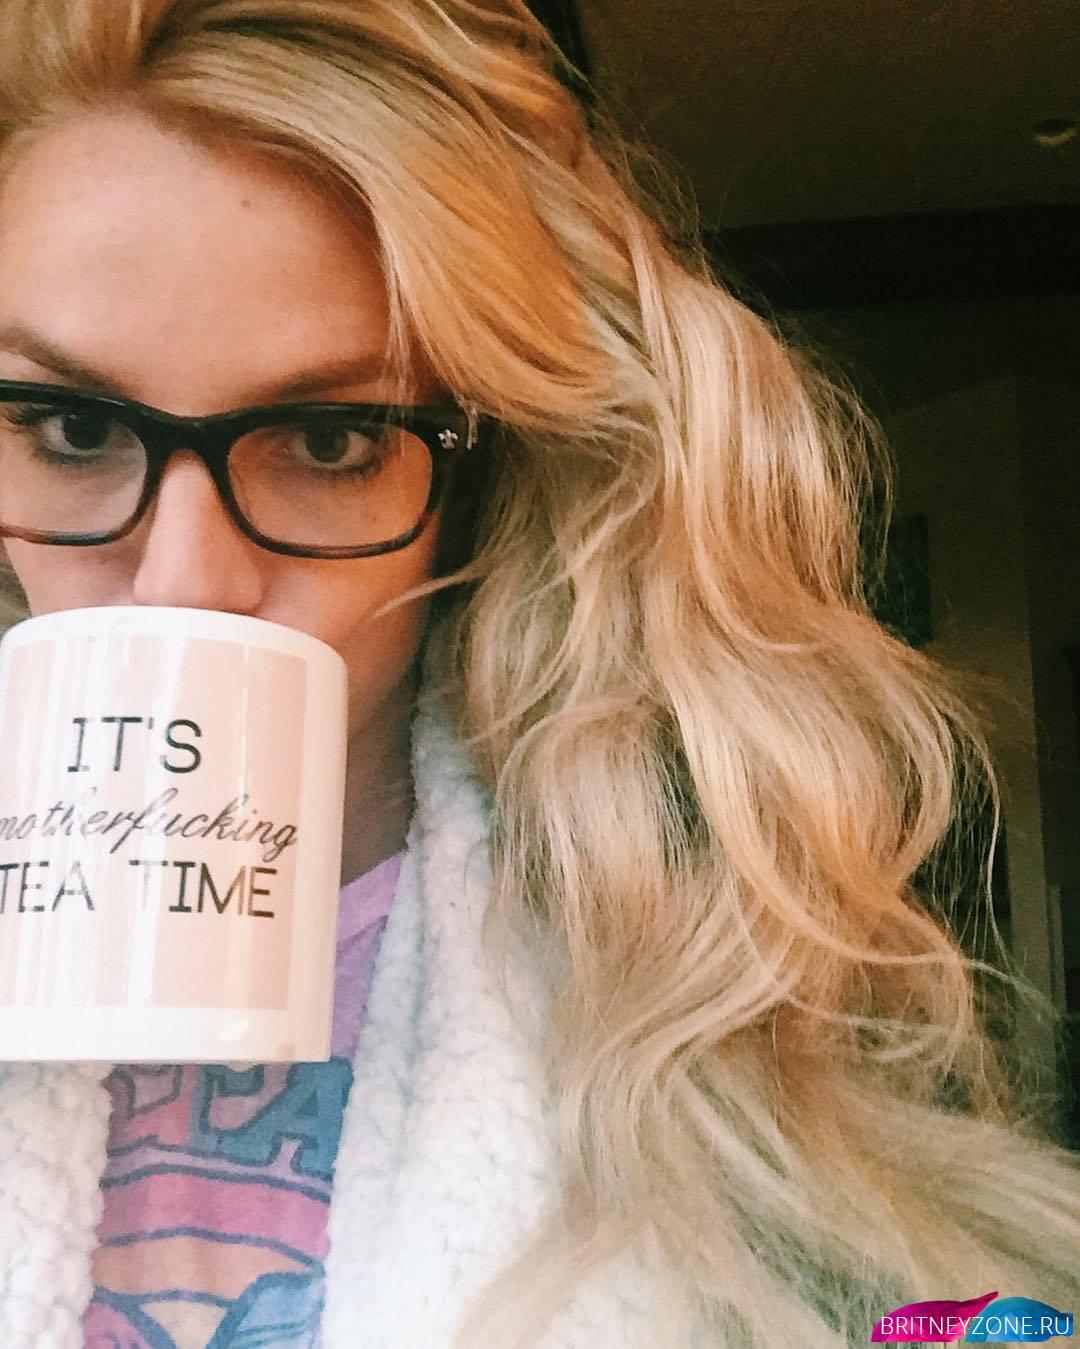 Бритни Спирс обрадовала почитателей  видео всоблазнительном бикини